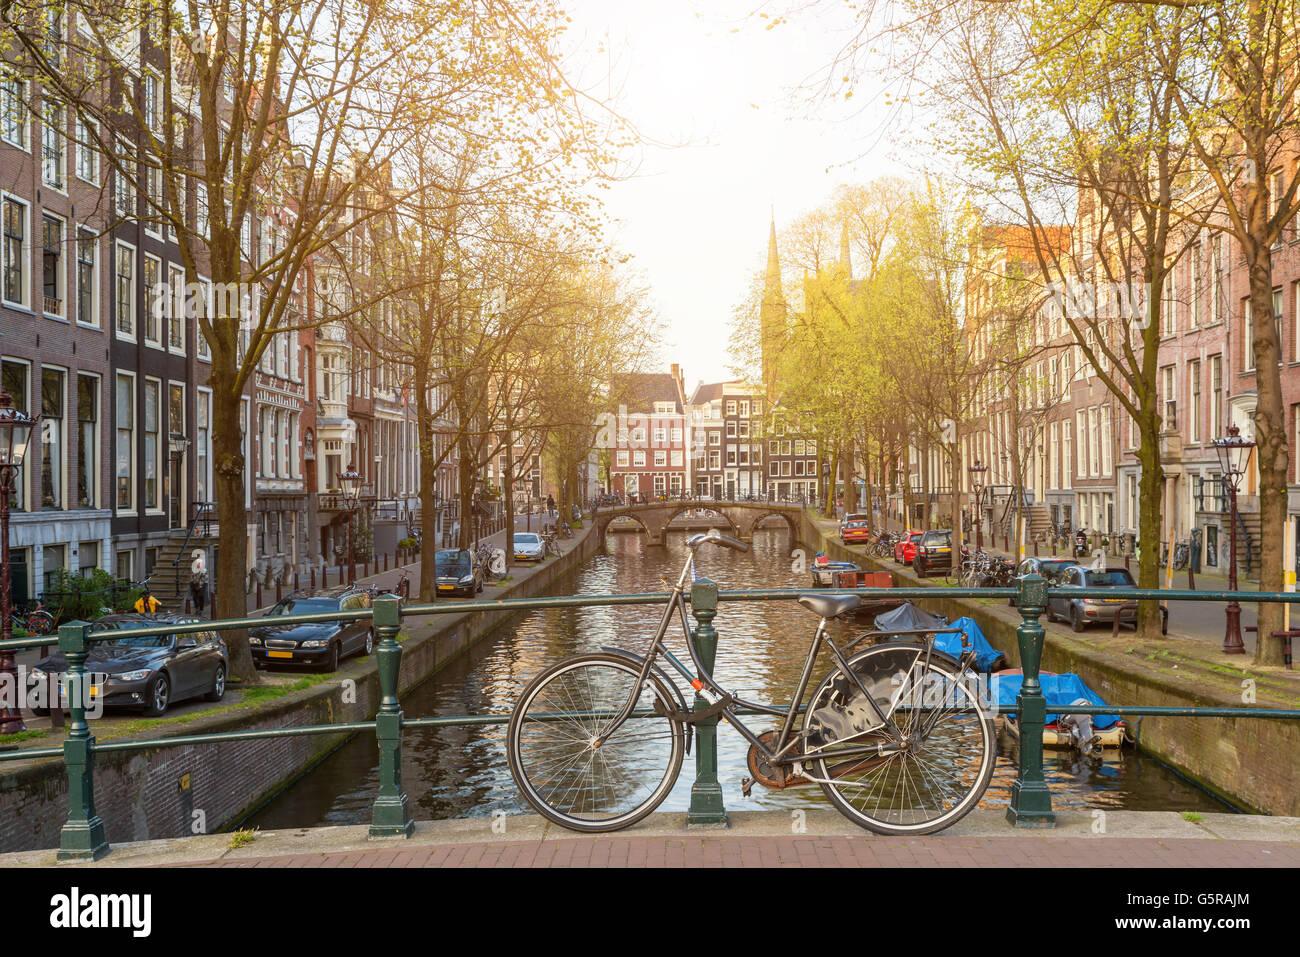 Des vélos sur le pont à Amsterdam Pays-Bas Photo Stock